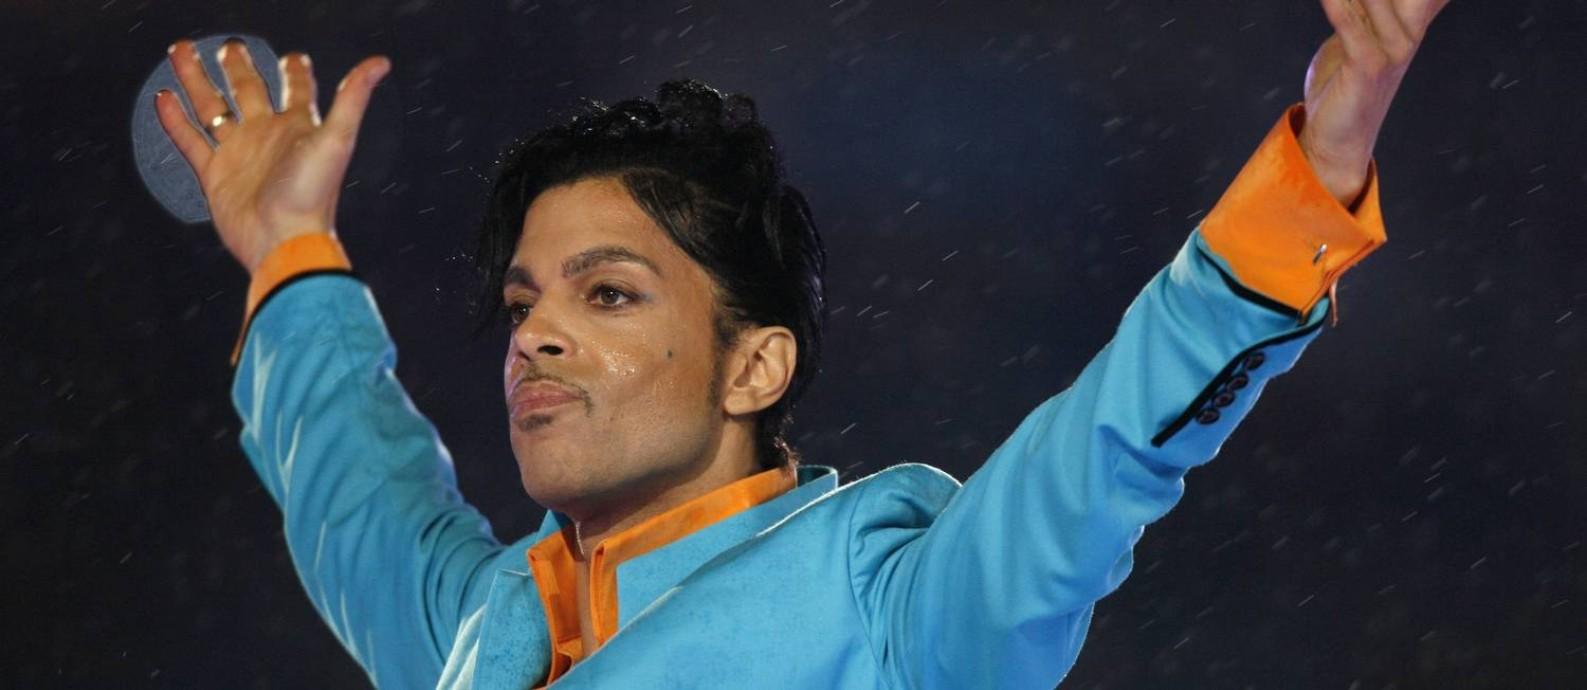 Prince se apresenta durante o Super Bowl, em 2007. Ele morreu aos 57 anos Foto: MIKE BLAKE / REUTERS